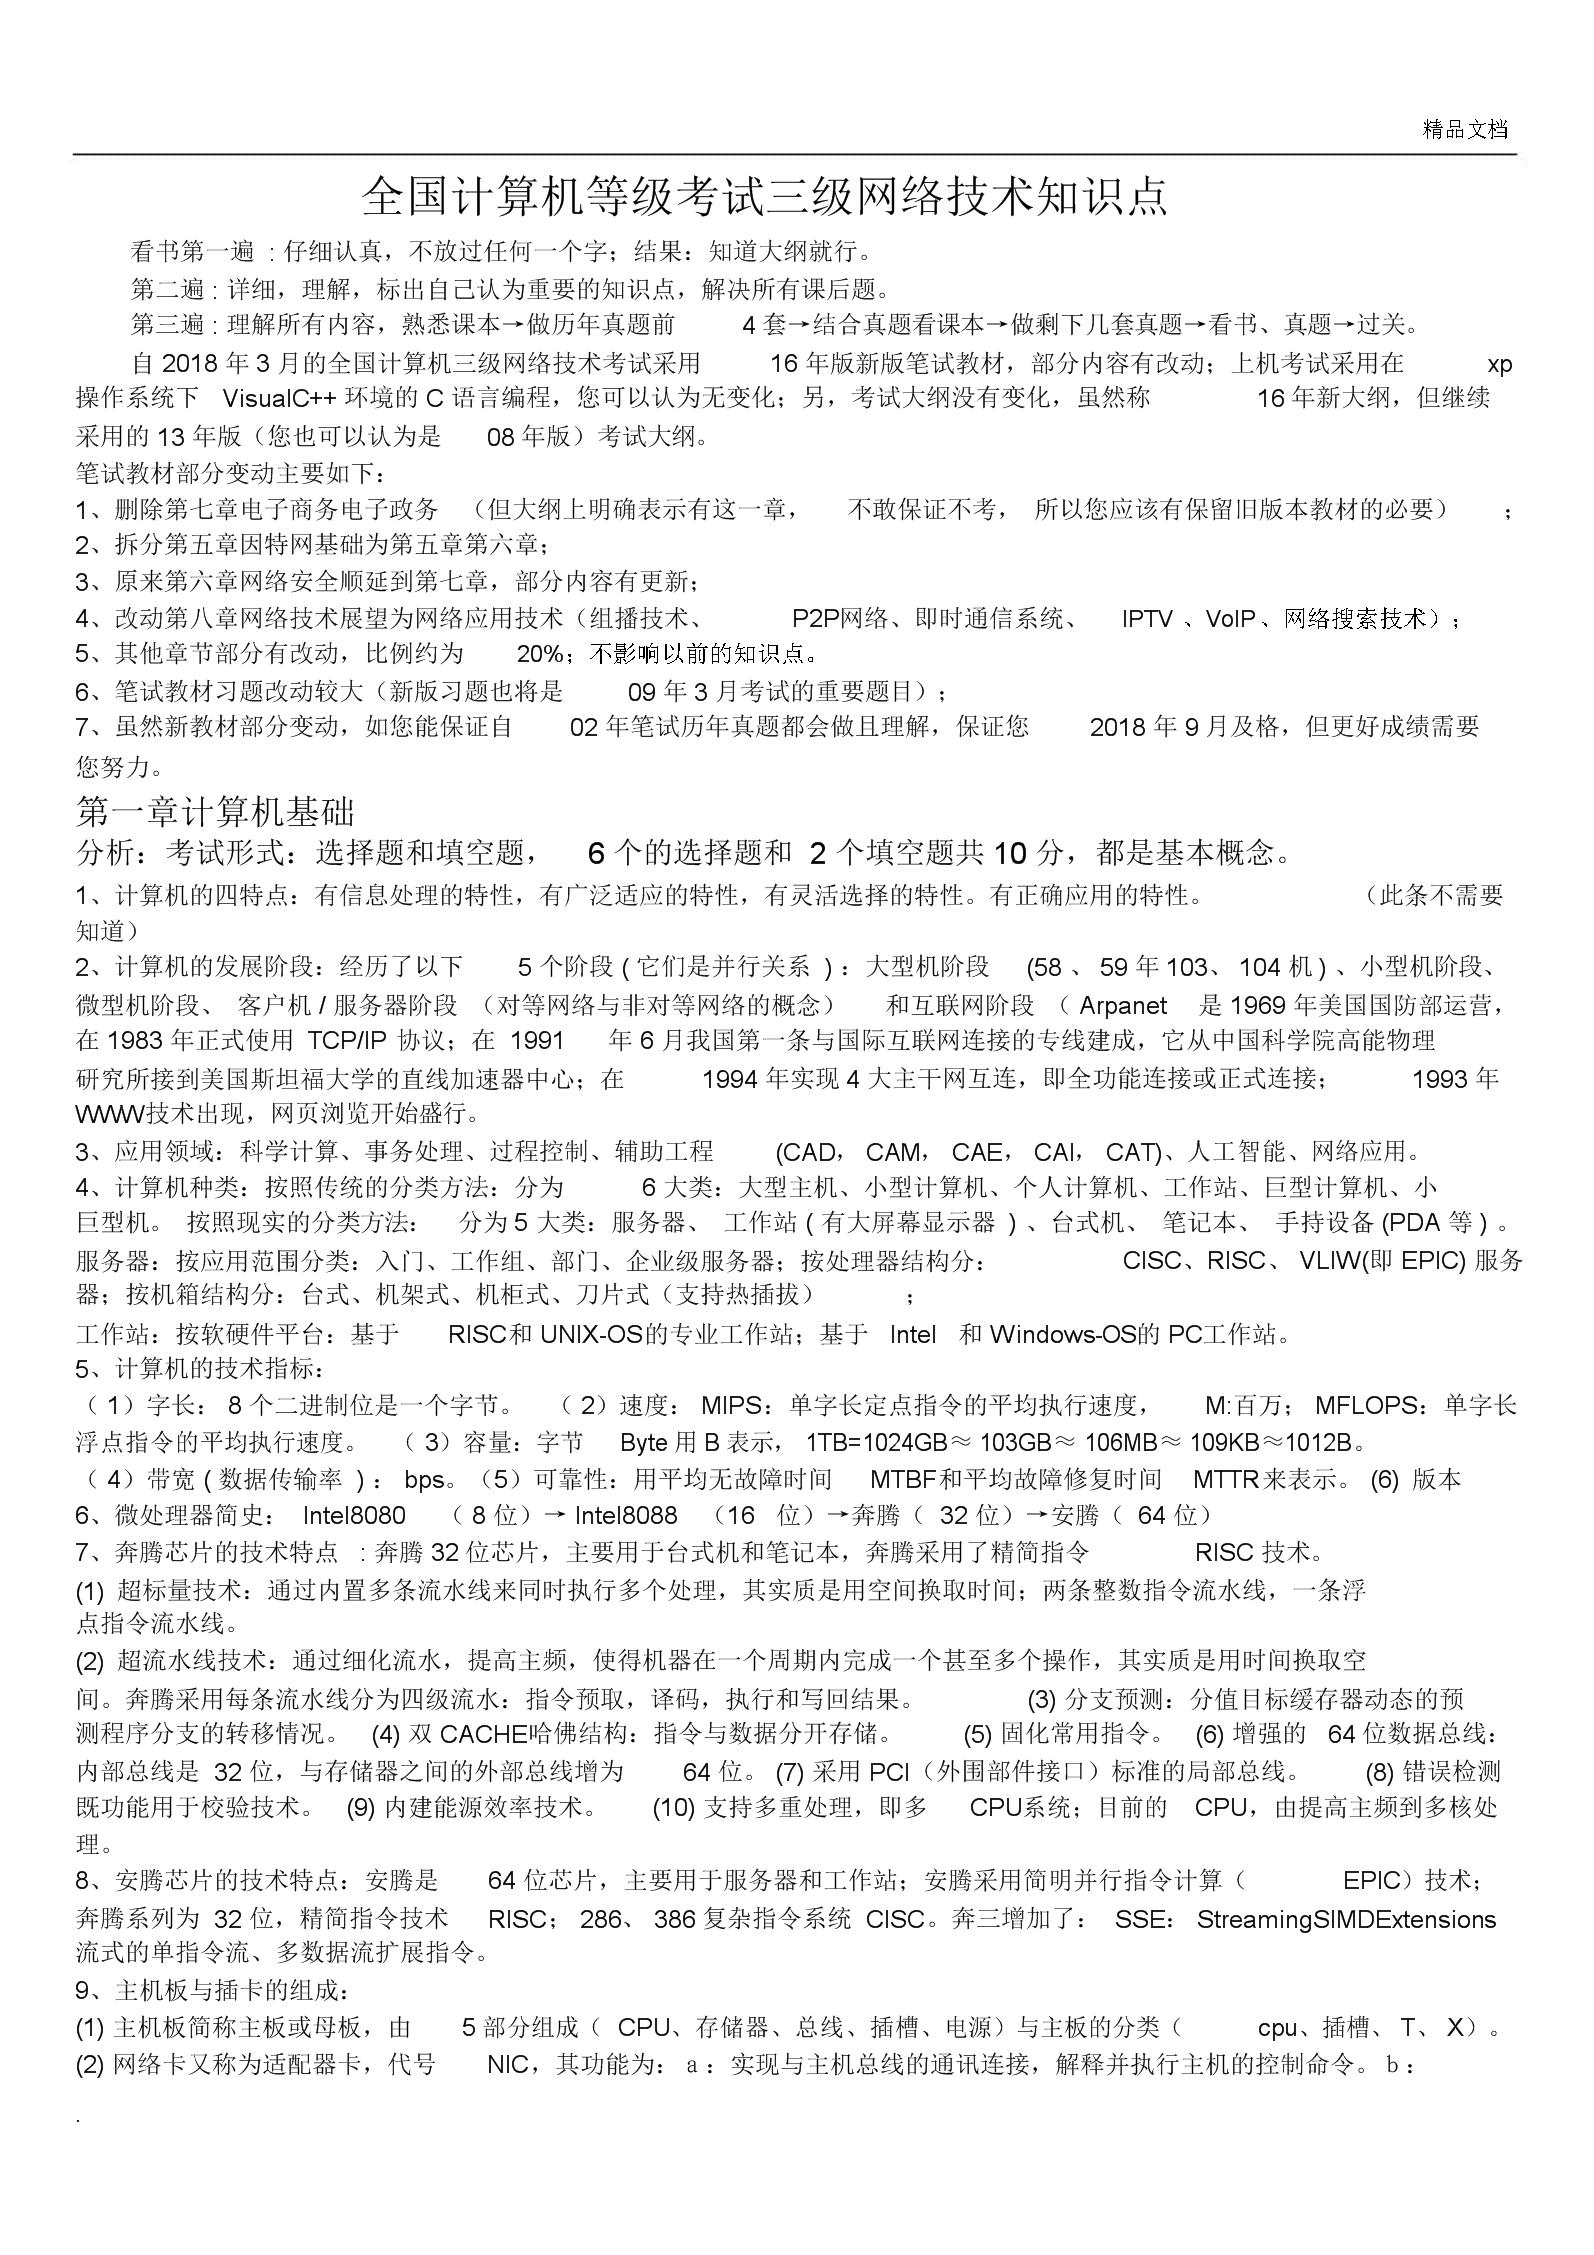 2018全国计算机等级考试三级网络技术学习知识点总结.doc